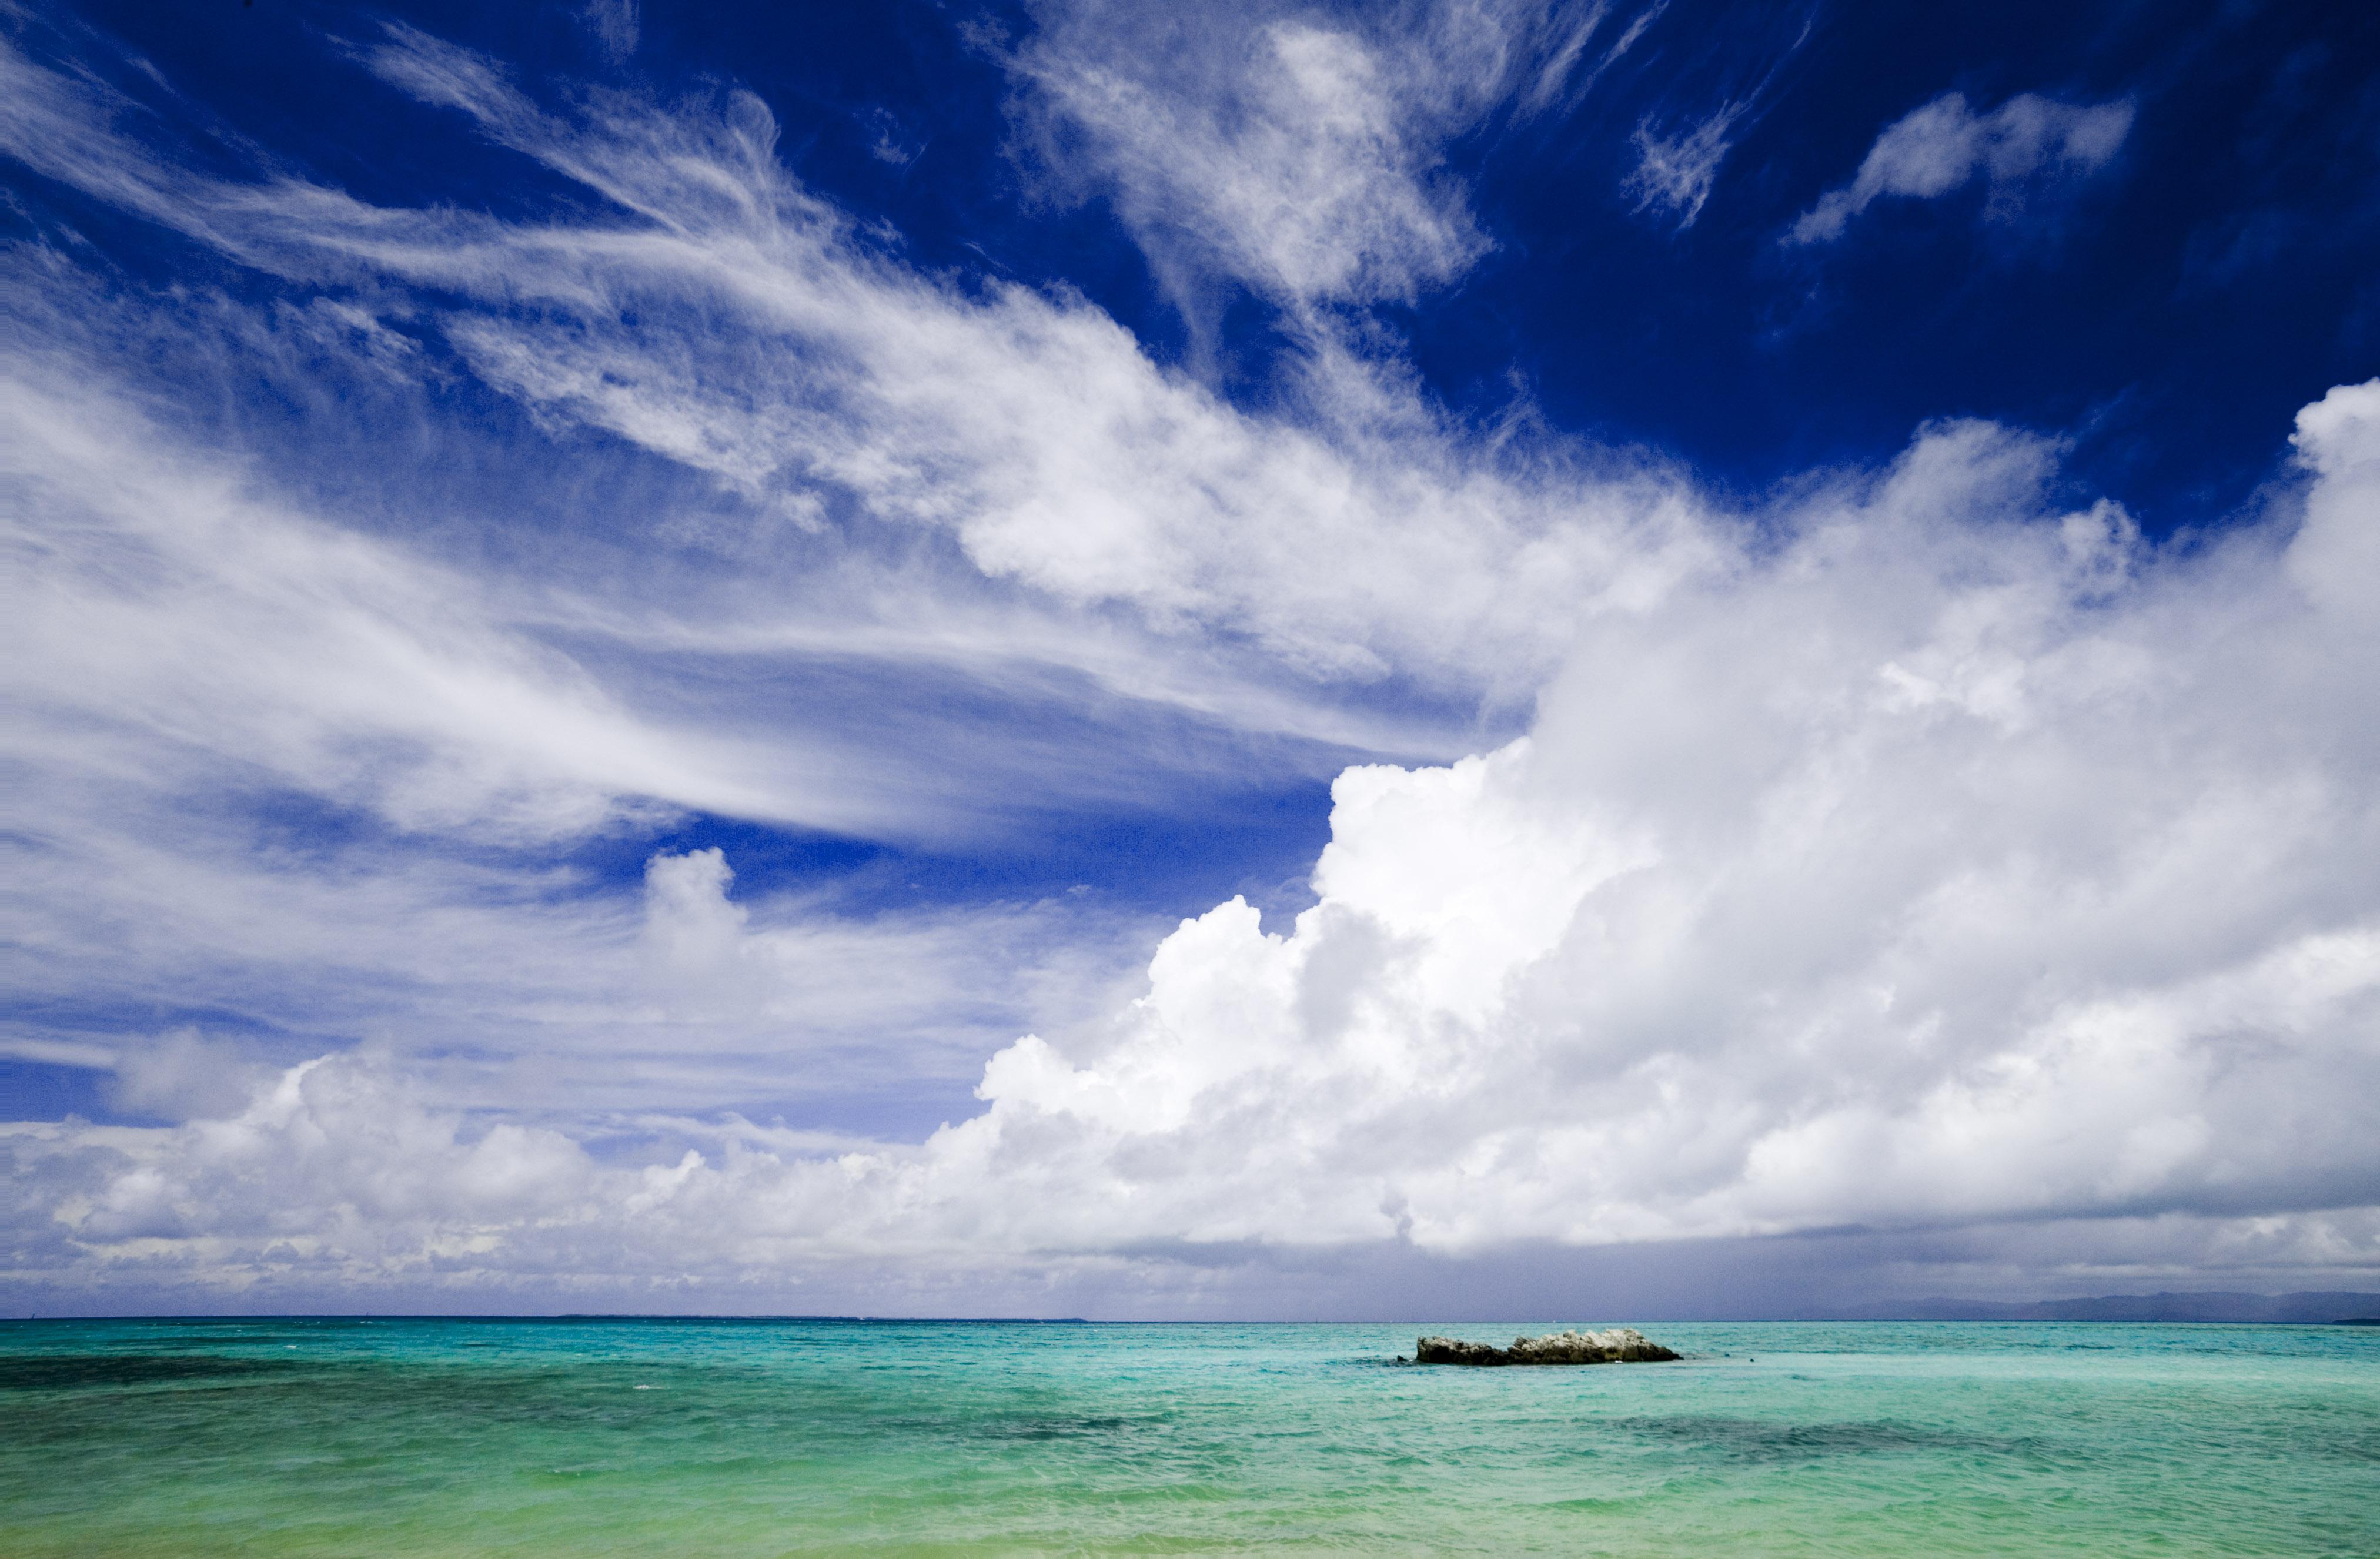 fotografia, material, livra, ajardine, imagine, proveja fotografia,O c�u de um pa�s sulista, nuvem, O mar, c�u azul, Verde de esmeralda